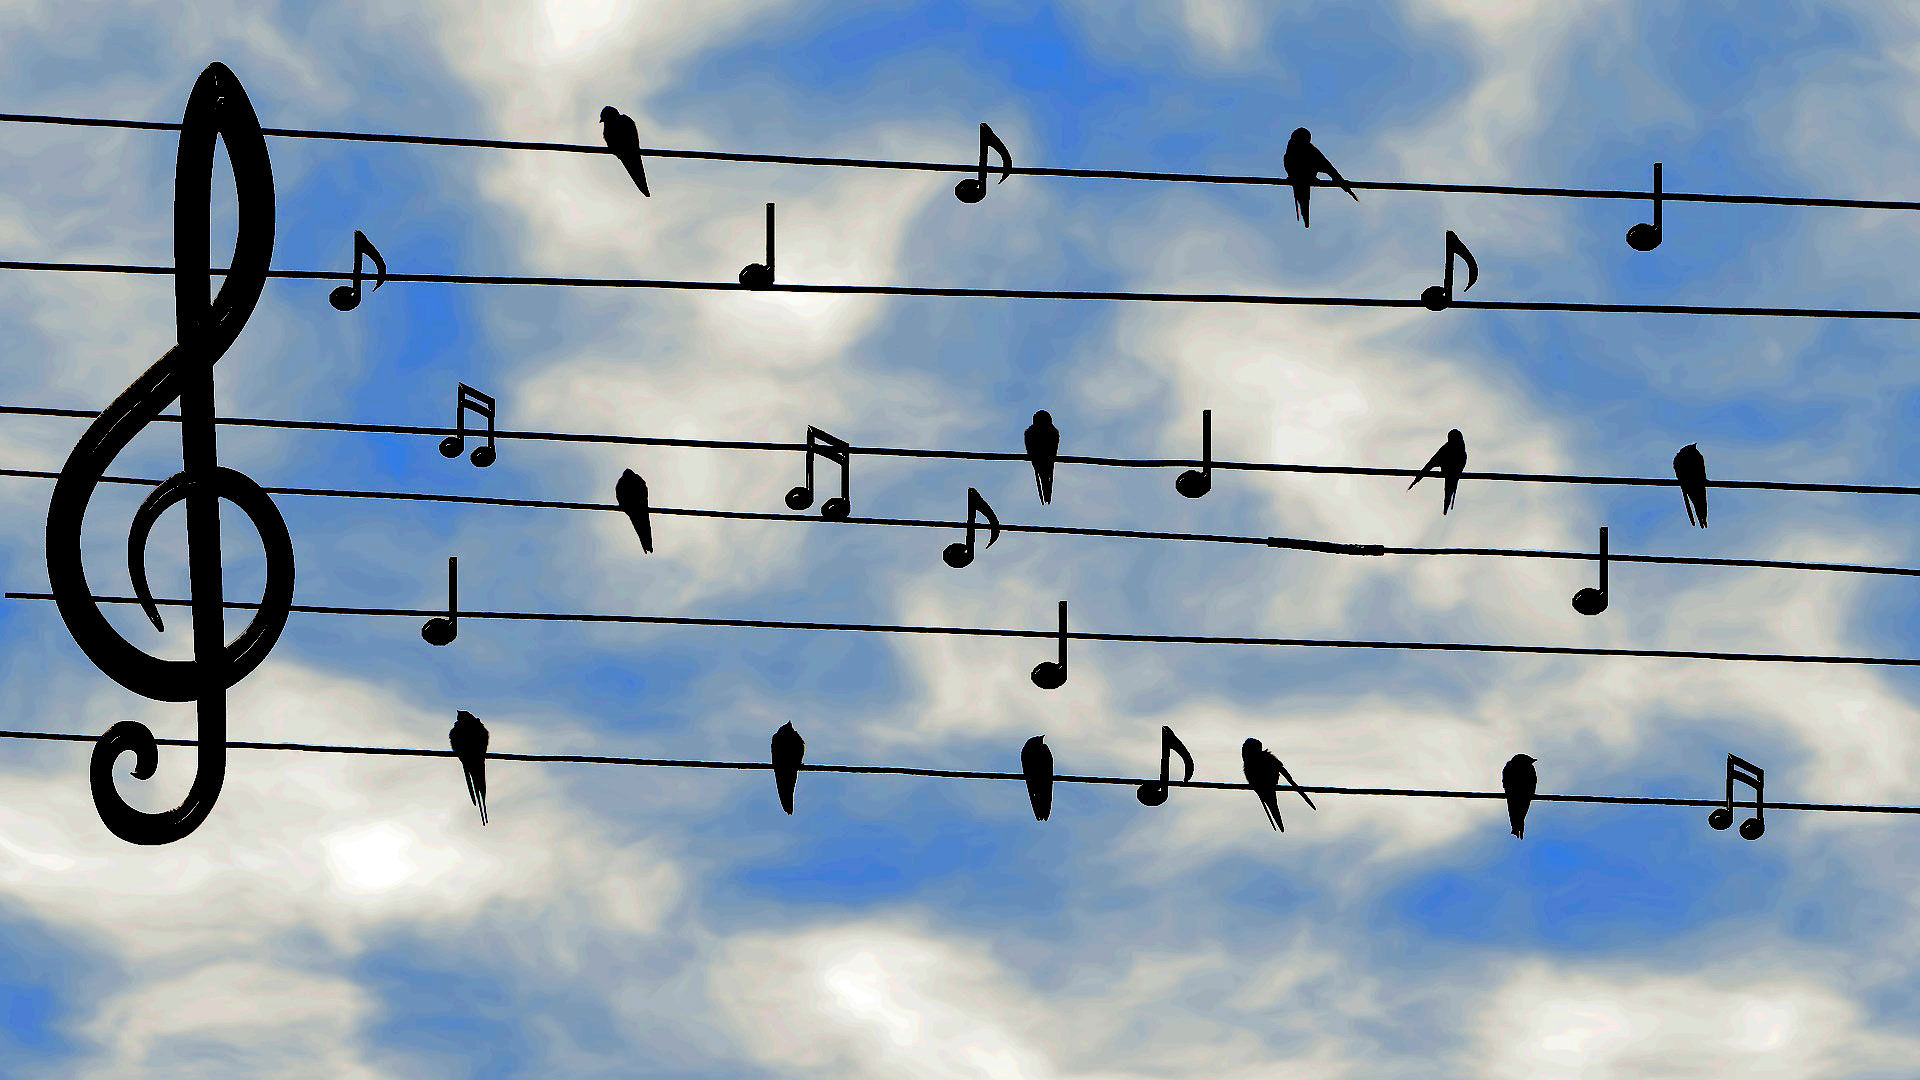 G03 Edukacja muzyczna w szkole i przedszkolu